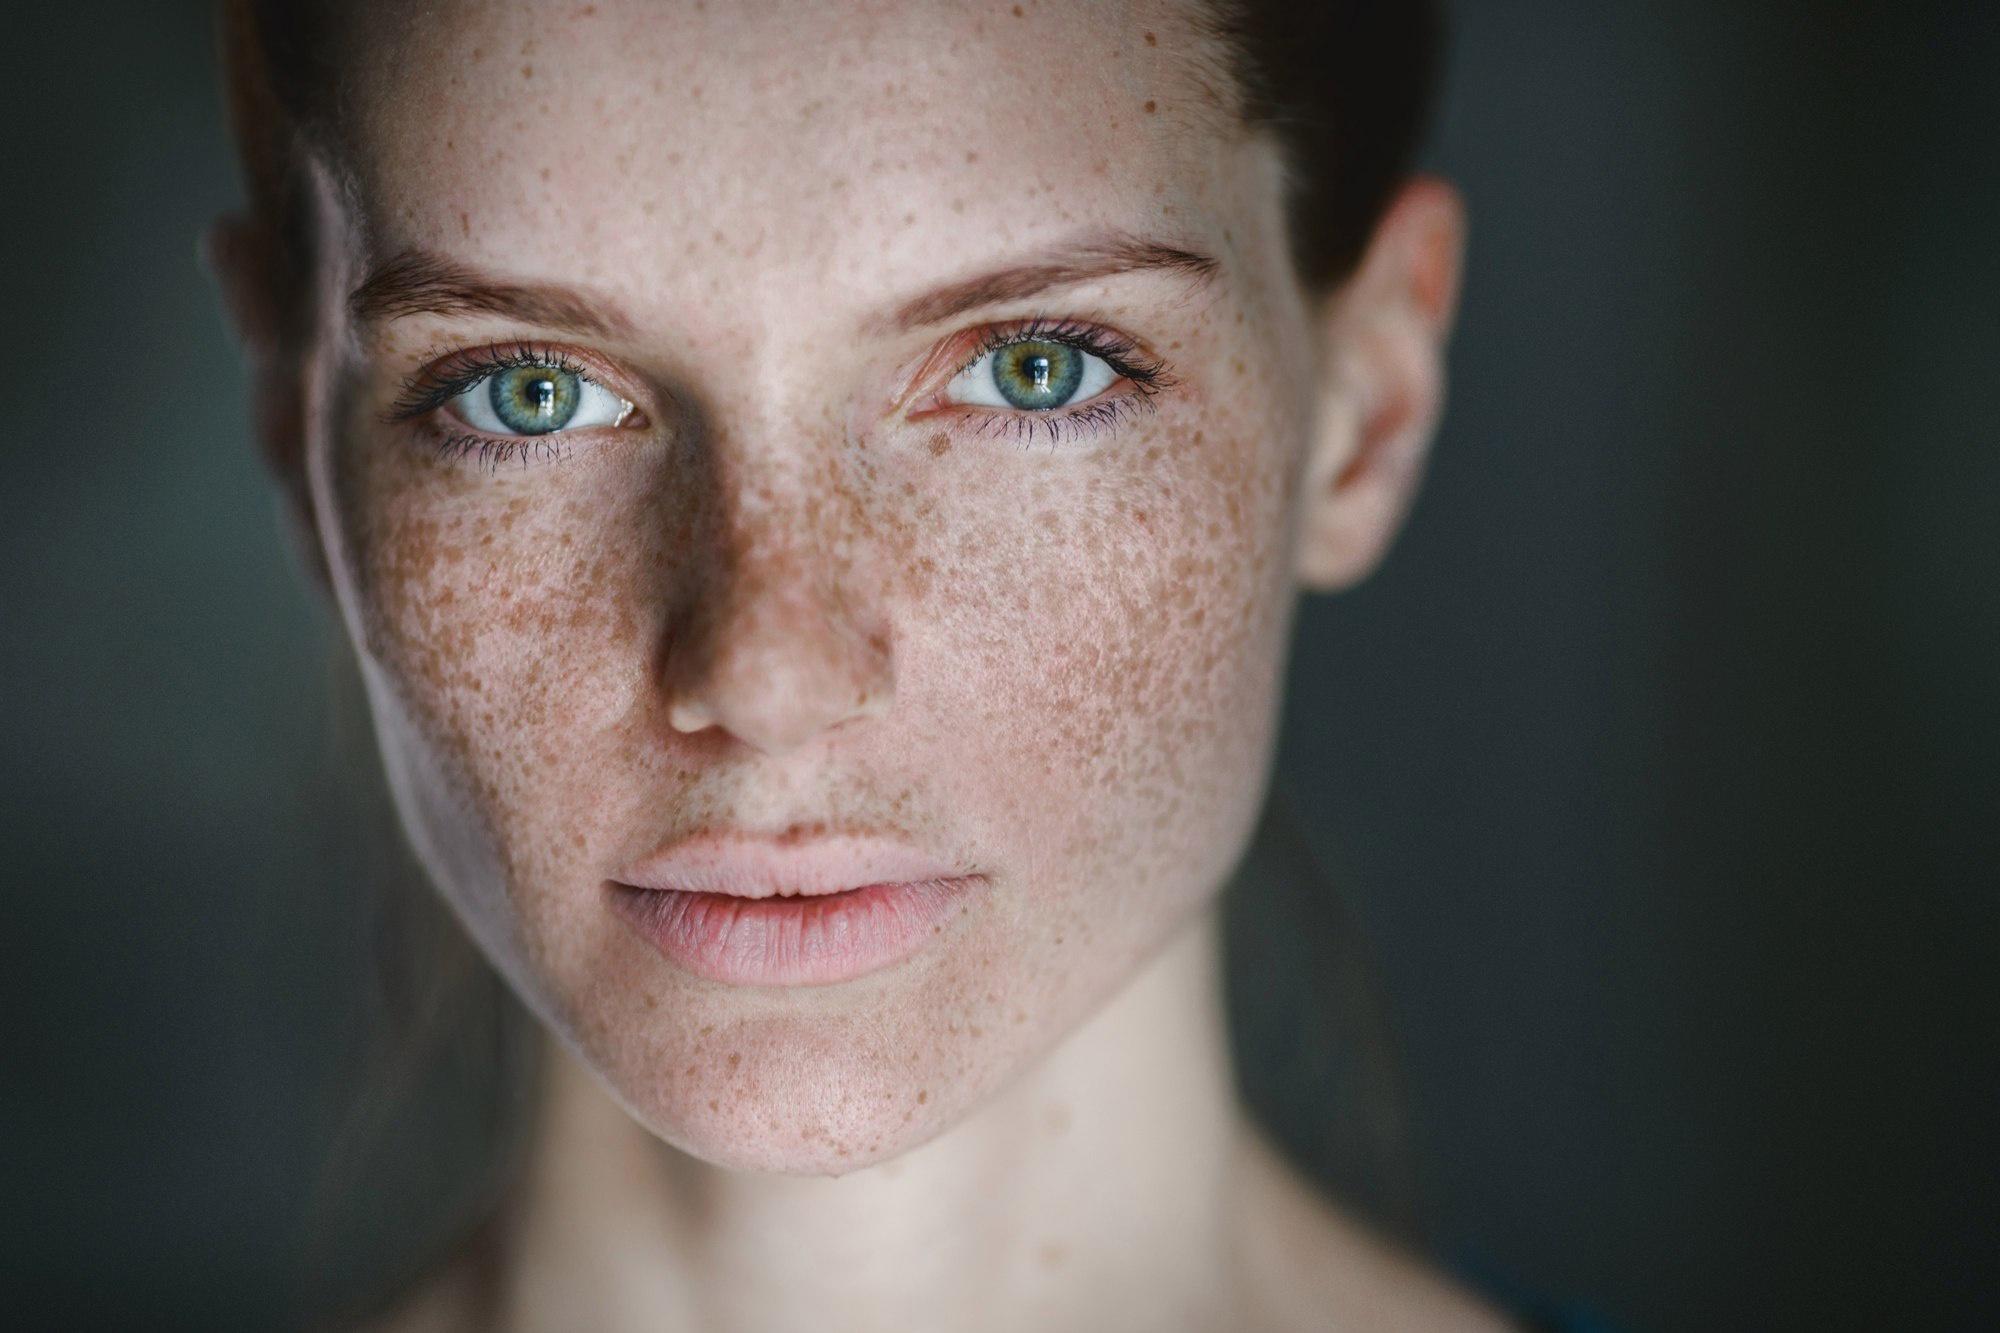 дифференциальной фото обработать женский портрет самое чувство, которого